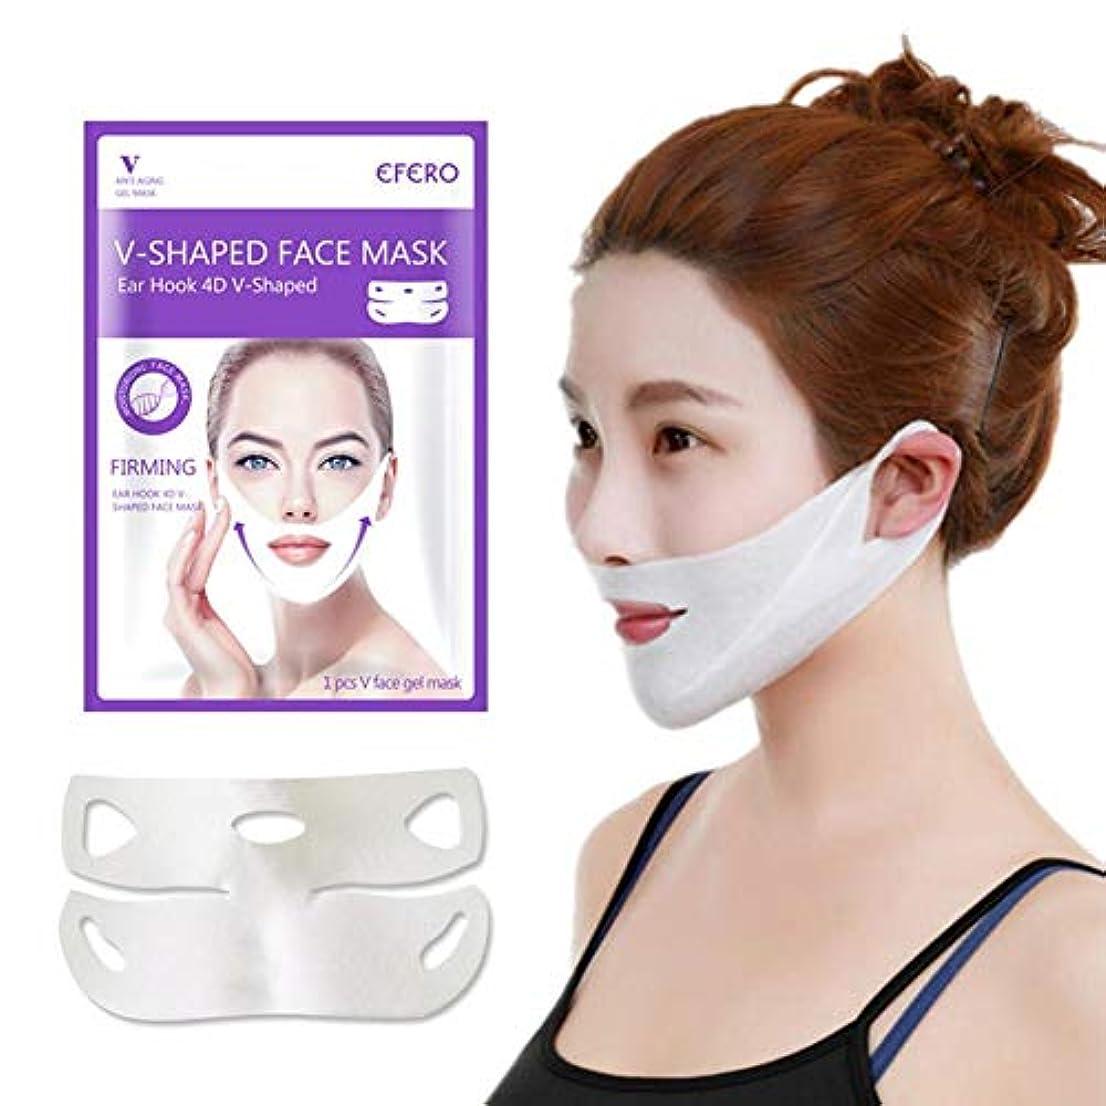 コック暴露する前兆SILUN 小顔マスク Vラインマスク リフティングファー ミングモイスチャライジングフェイスマスク ネックタイトフェイスフェイス 美顔 男女兼用